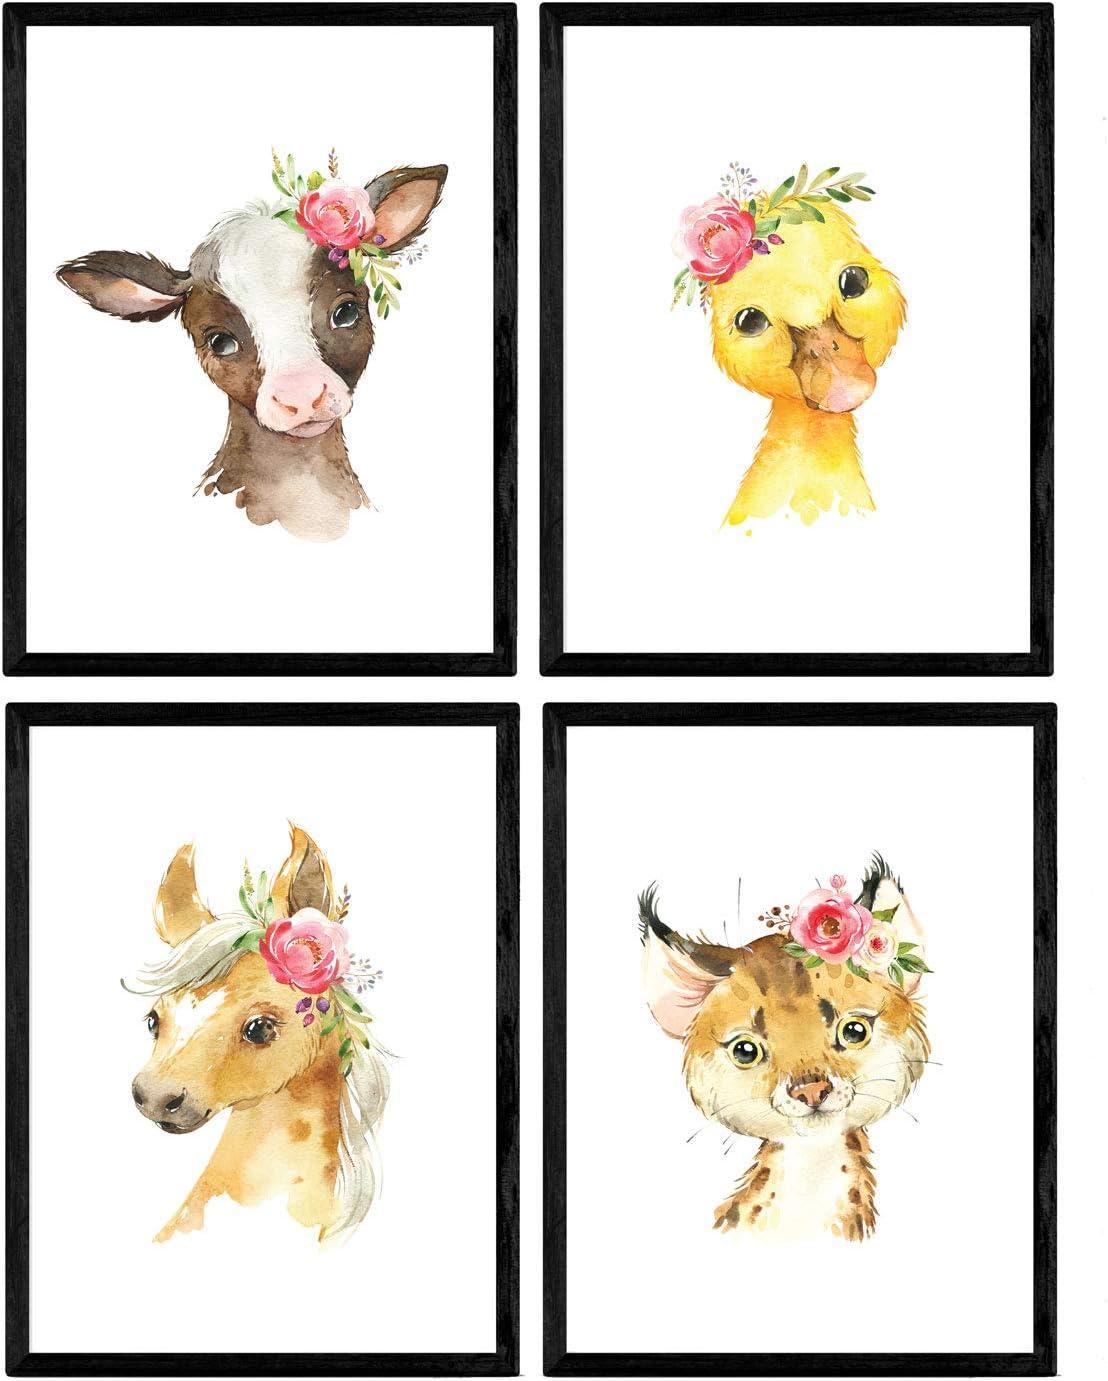 Pack de cuatro láminas con ilustraciones de animales. Posters con imágenes infantiles de animales. Leopardo pato vaca y caballo. Tamaño A4 sin marco